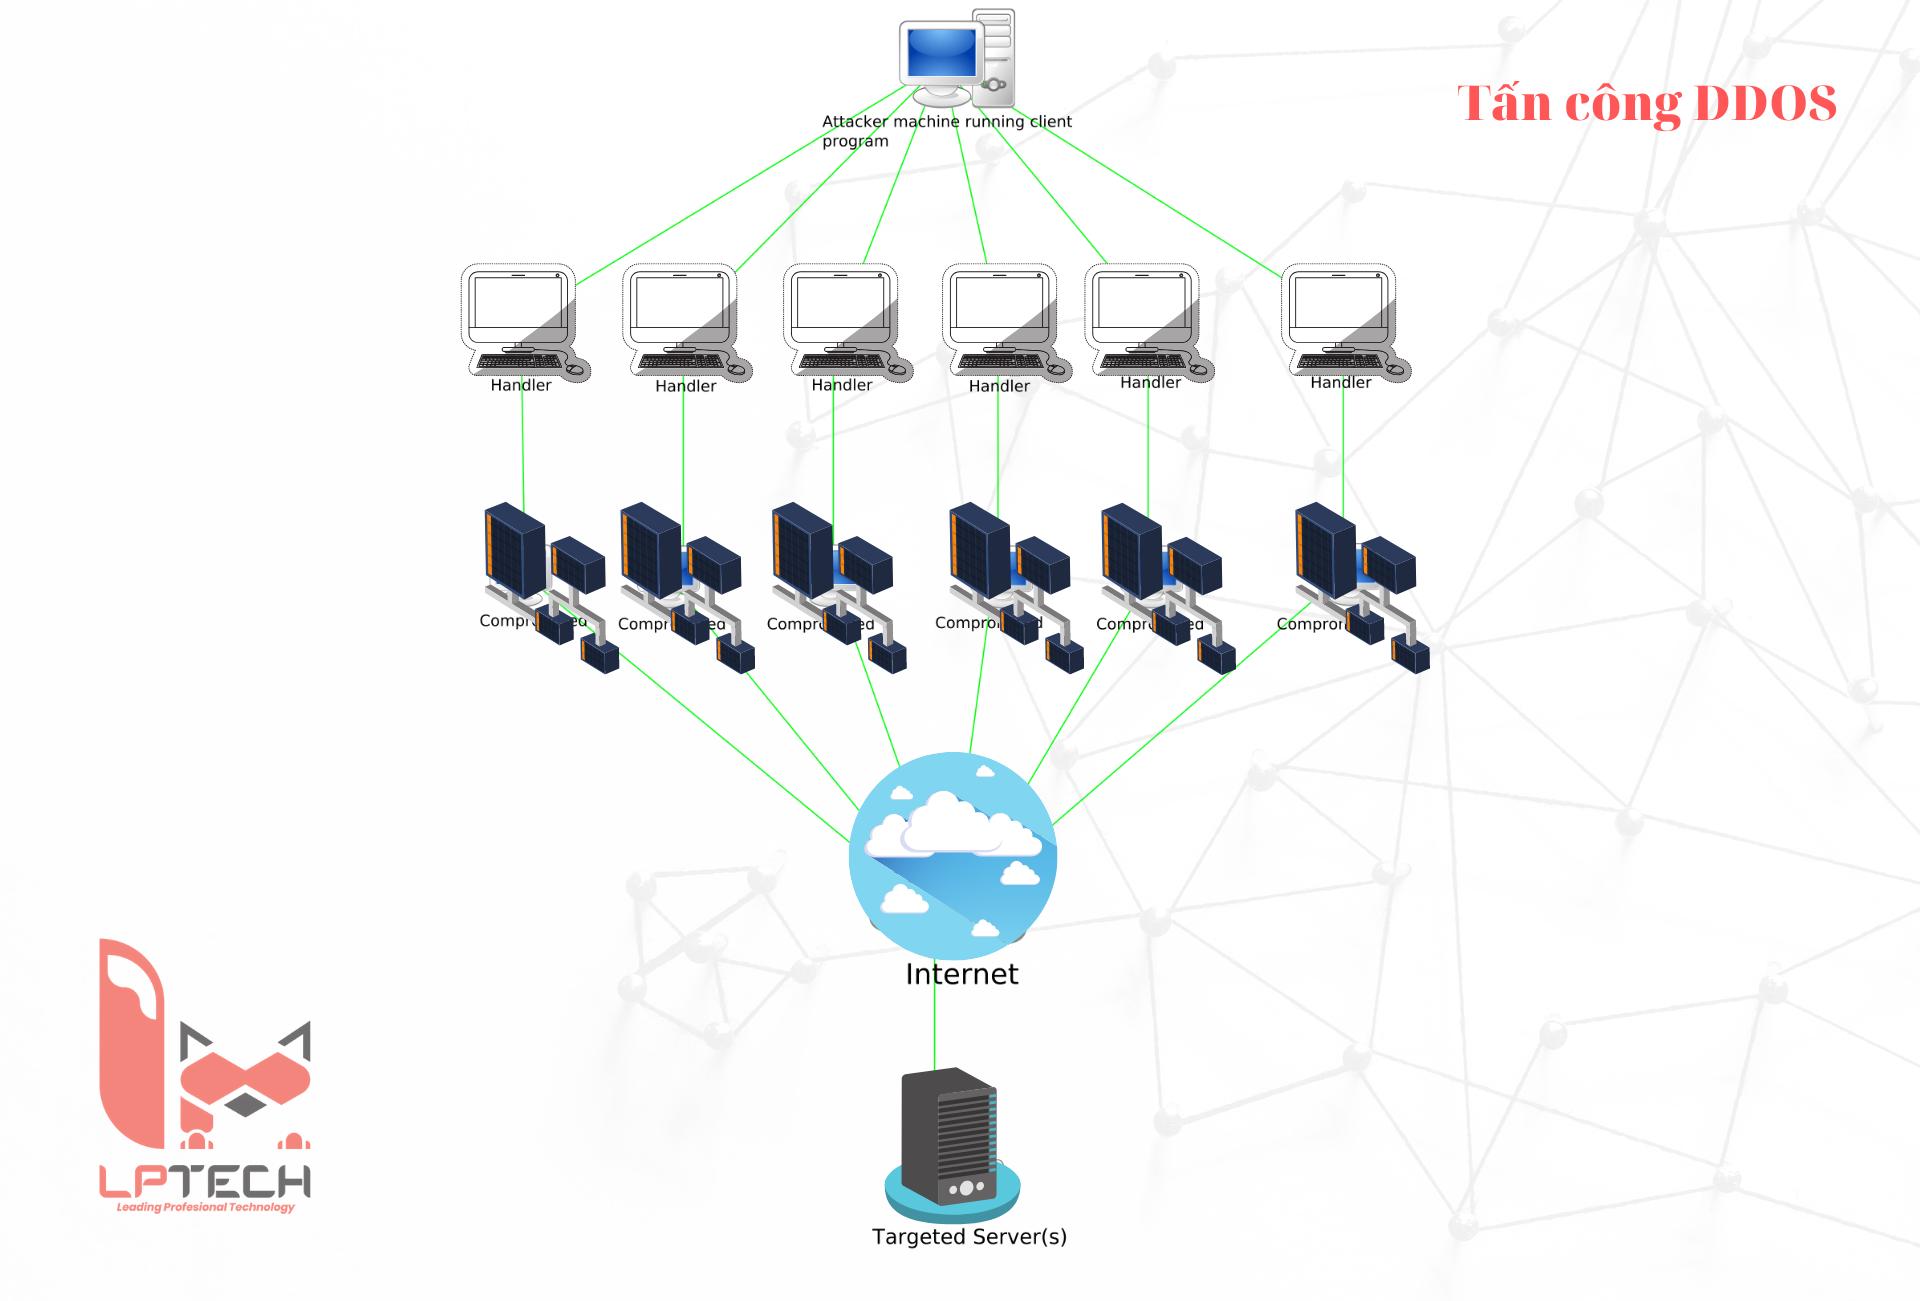 Tấn công DDOS